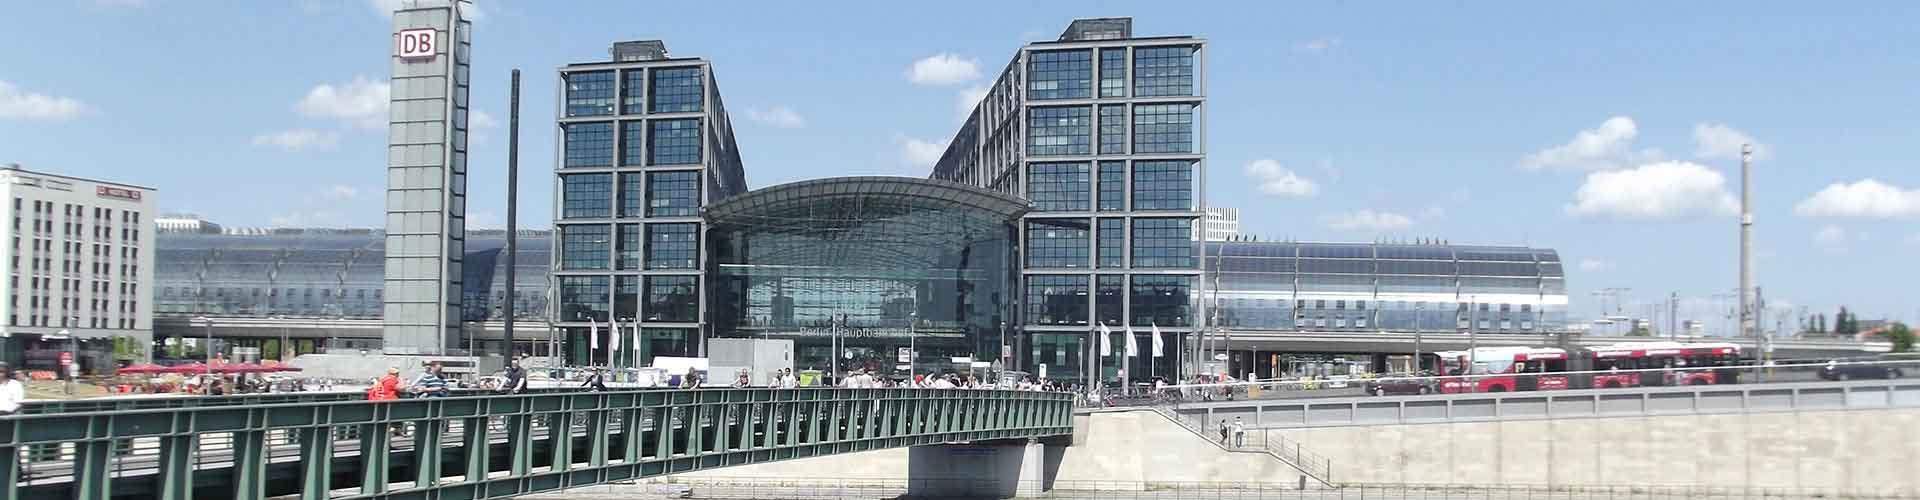 Berlin - Hostele w pobliżu: Berlin Ostbahnhof. Mapy: Berlin, Zdjęcia i Recenzje dla każdego hostelu w mieście: Berlin.